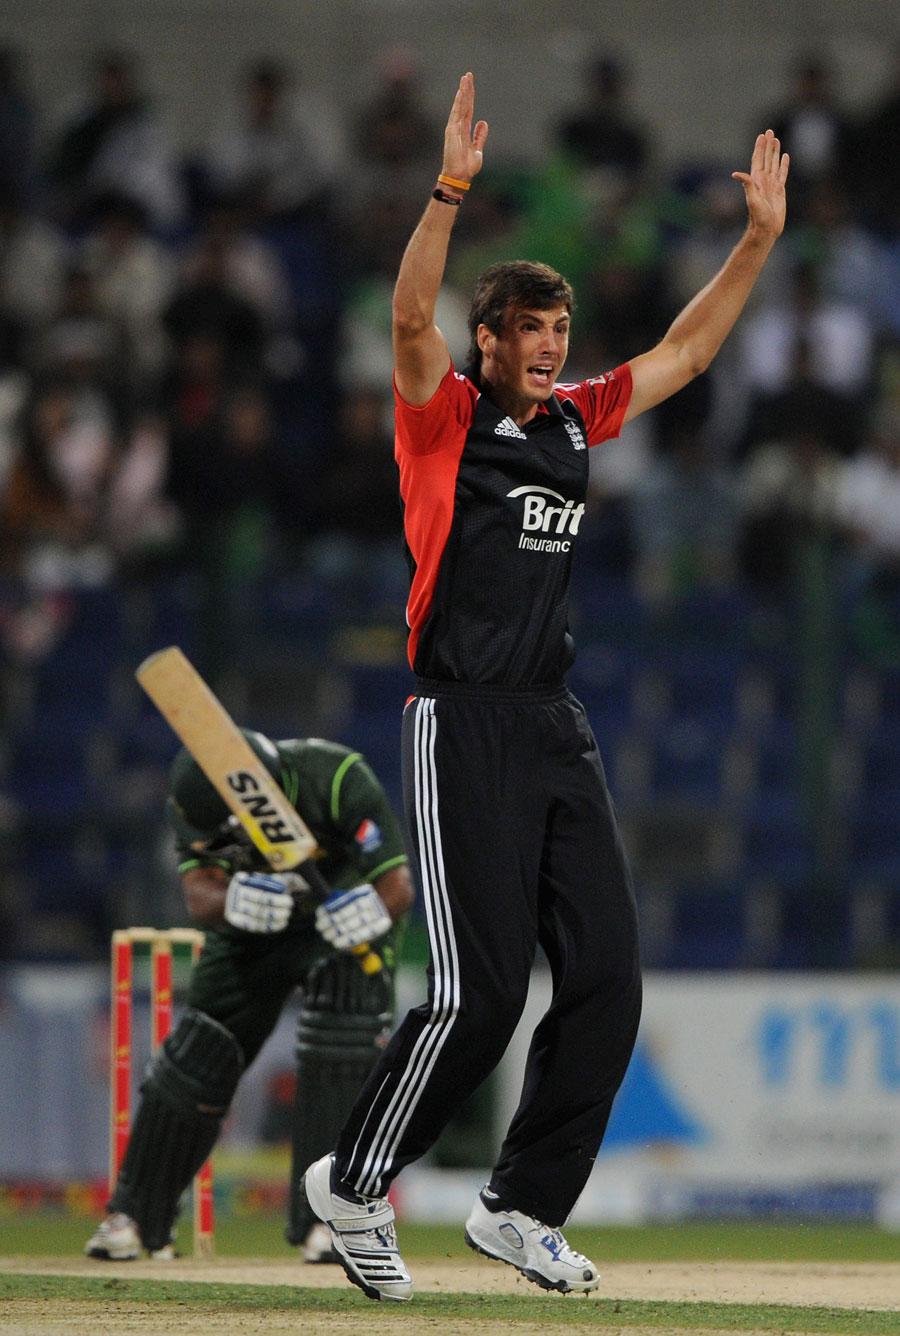 اسٹیون فن کی عمدہ گیند بازی پاکستانی بلے بازوں کے لیے کافی ثابت ہوئی (تصویر: Getty Images)